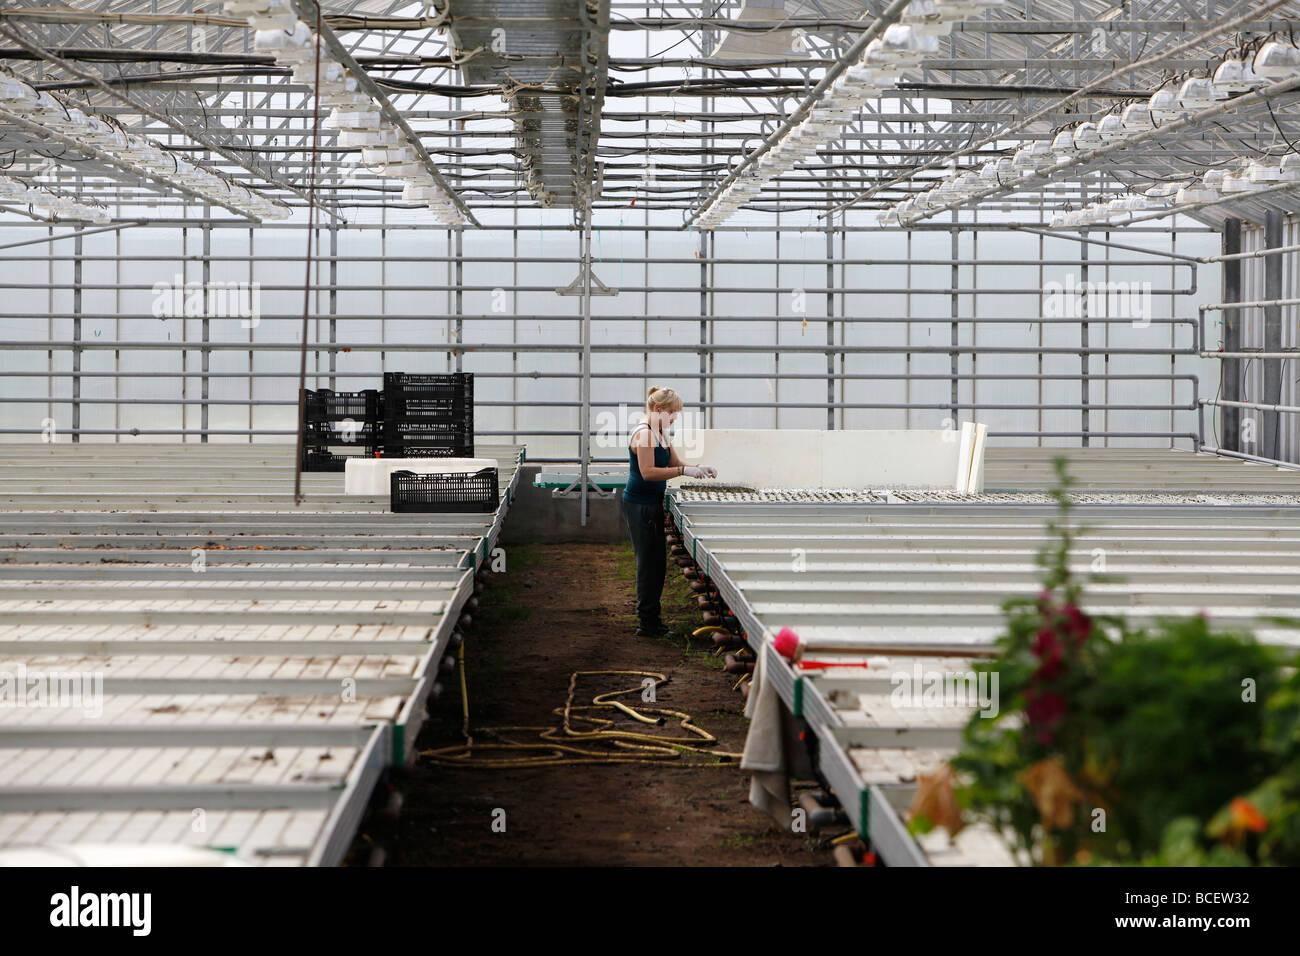 L'intérieur d'un travailleur, l'Islande serre chauffée par géothermie Photo Stock